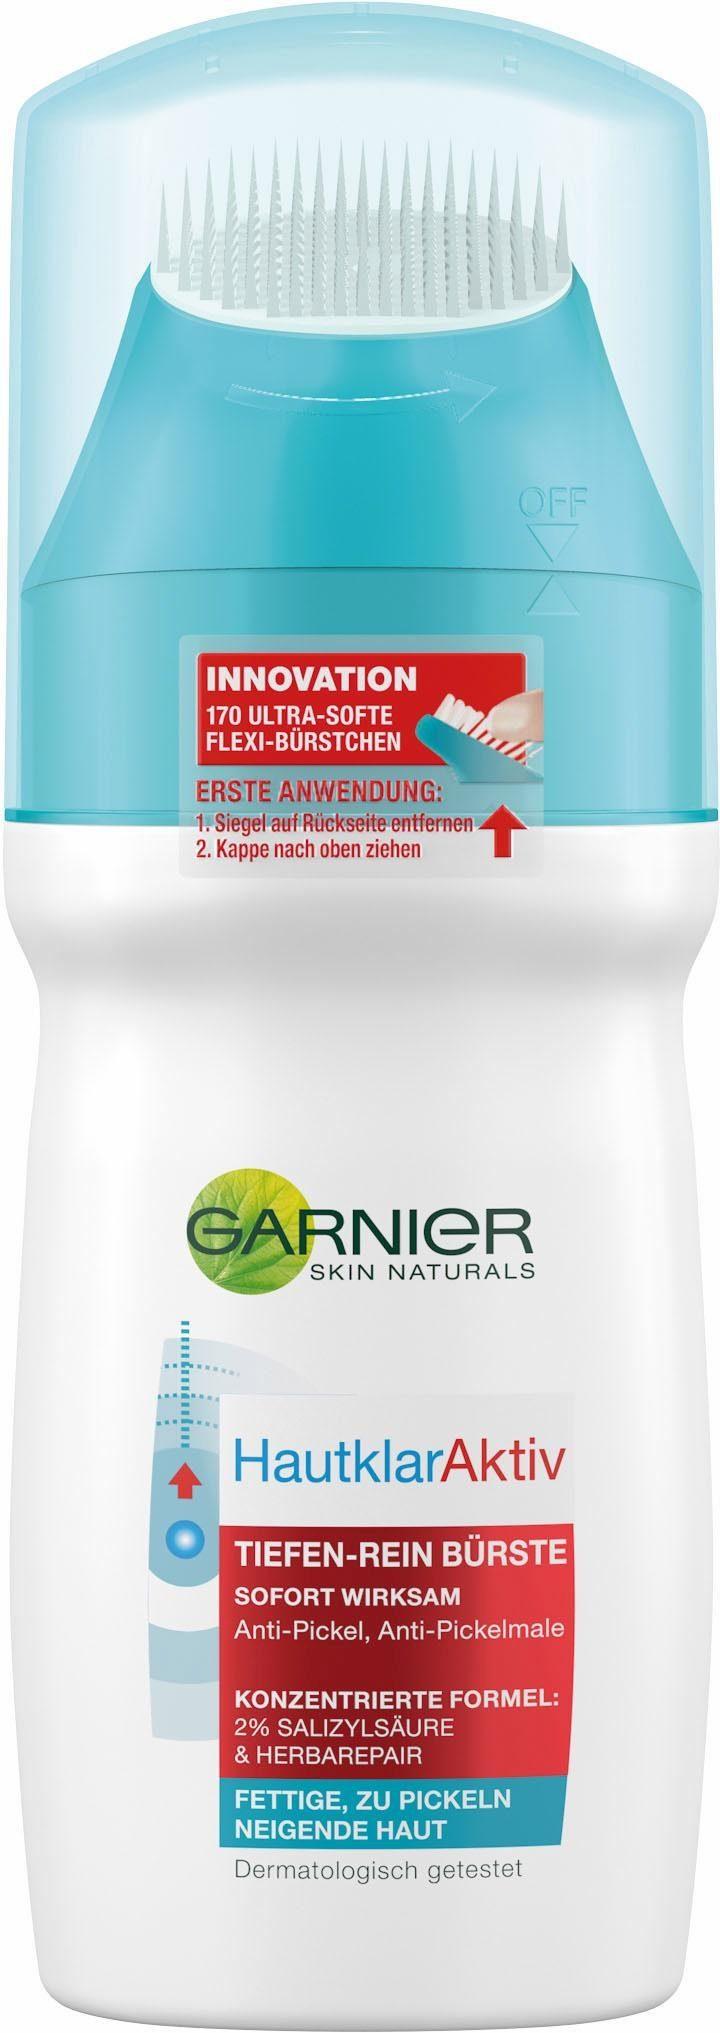 Garnier, »Hautklar Aktiv Tiefenrein Bürste«, Gesichtsreinigung